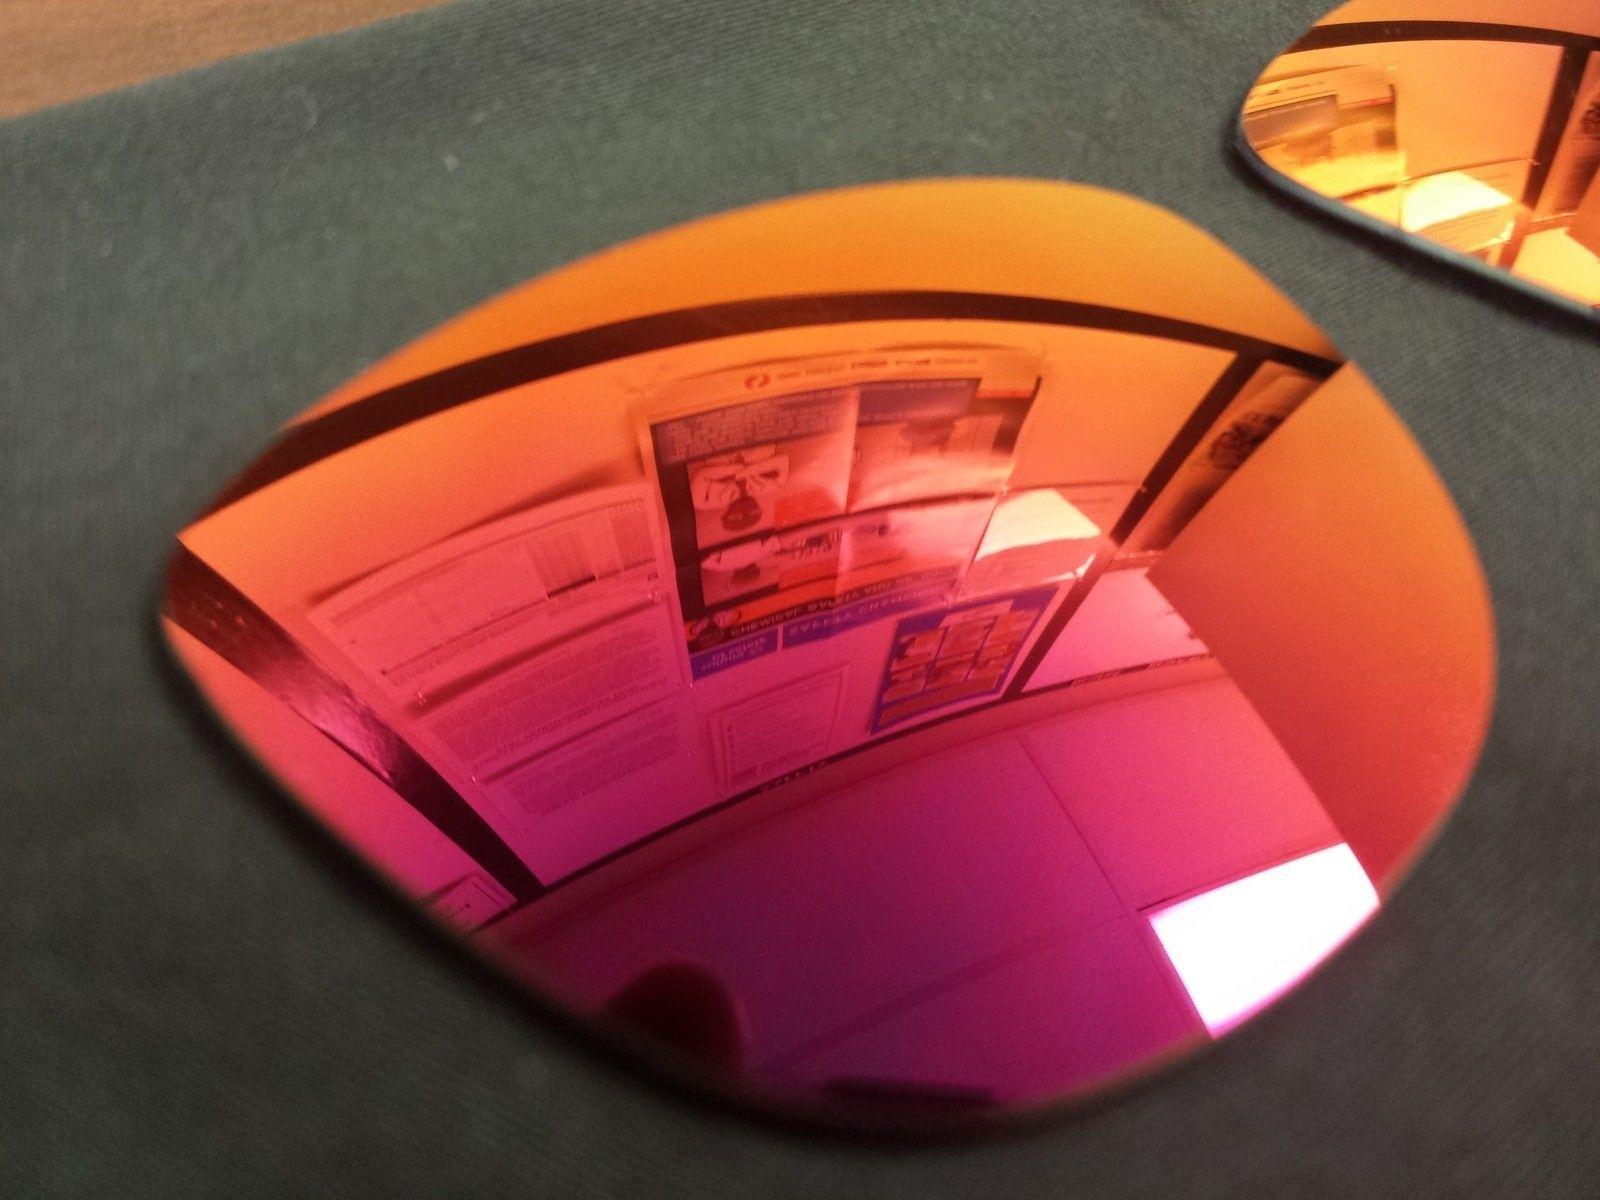 FSOT Ruby Frog Lenses - uploadfromtaptalk1435764692980.jpg